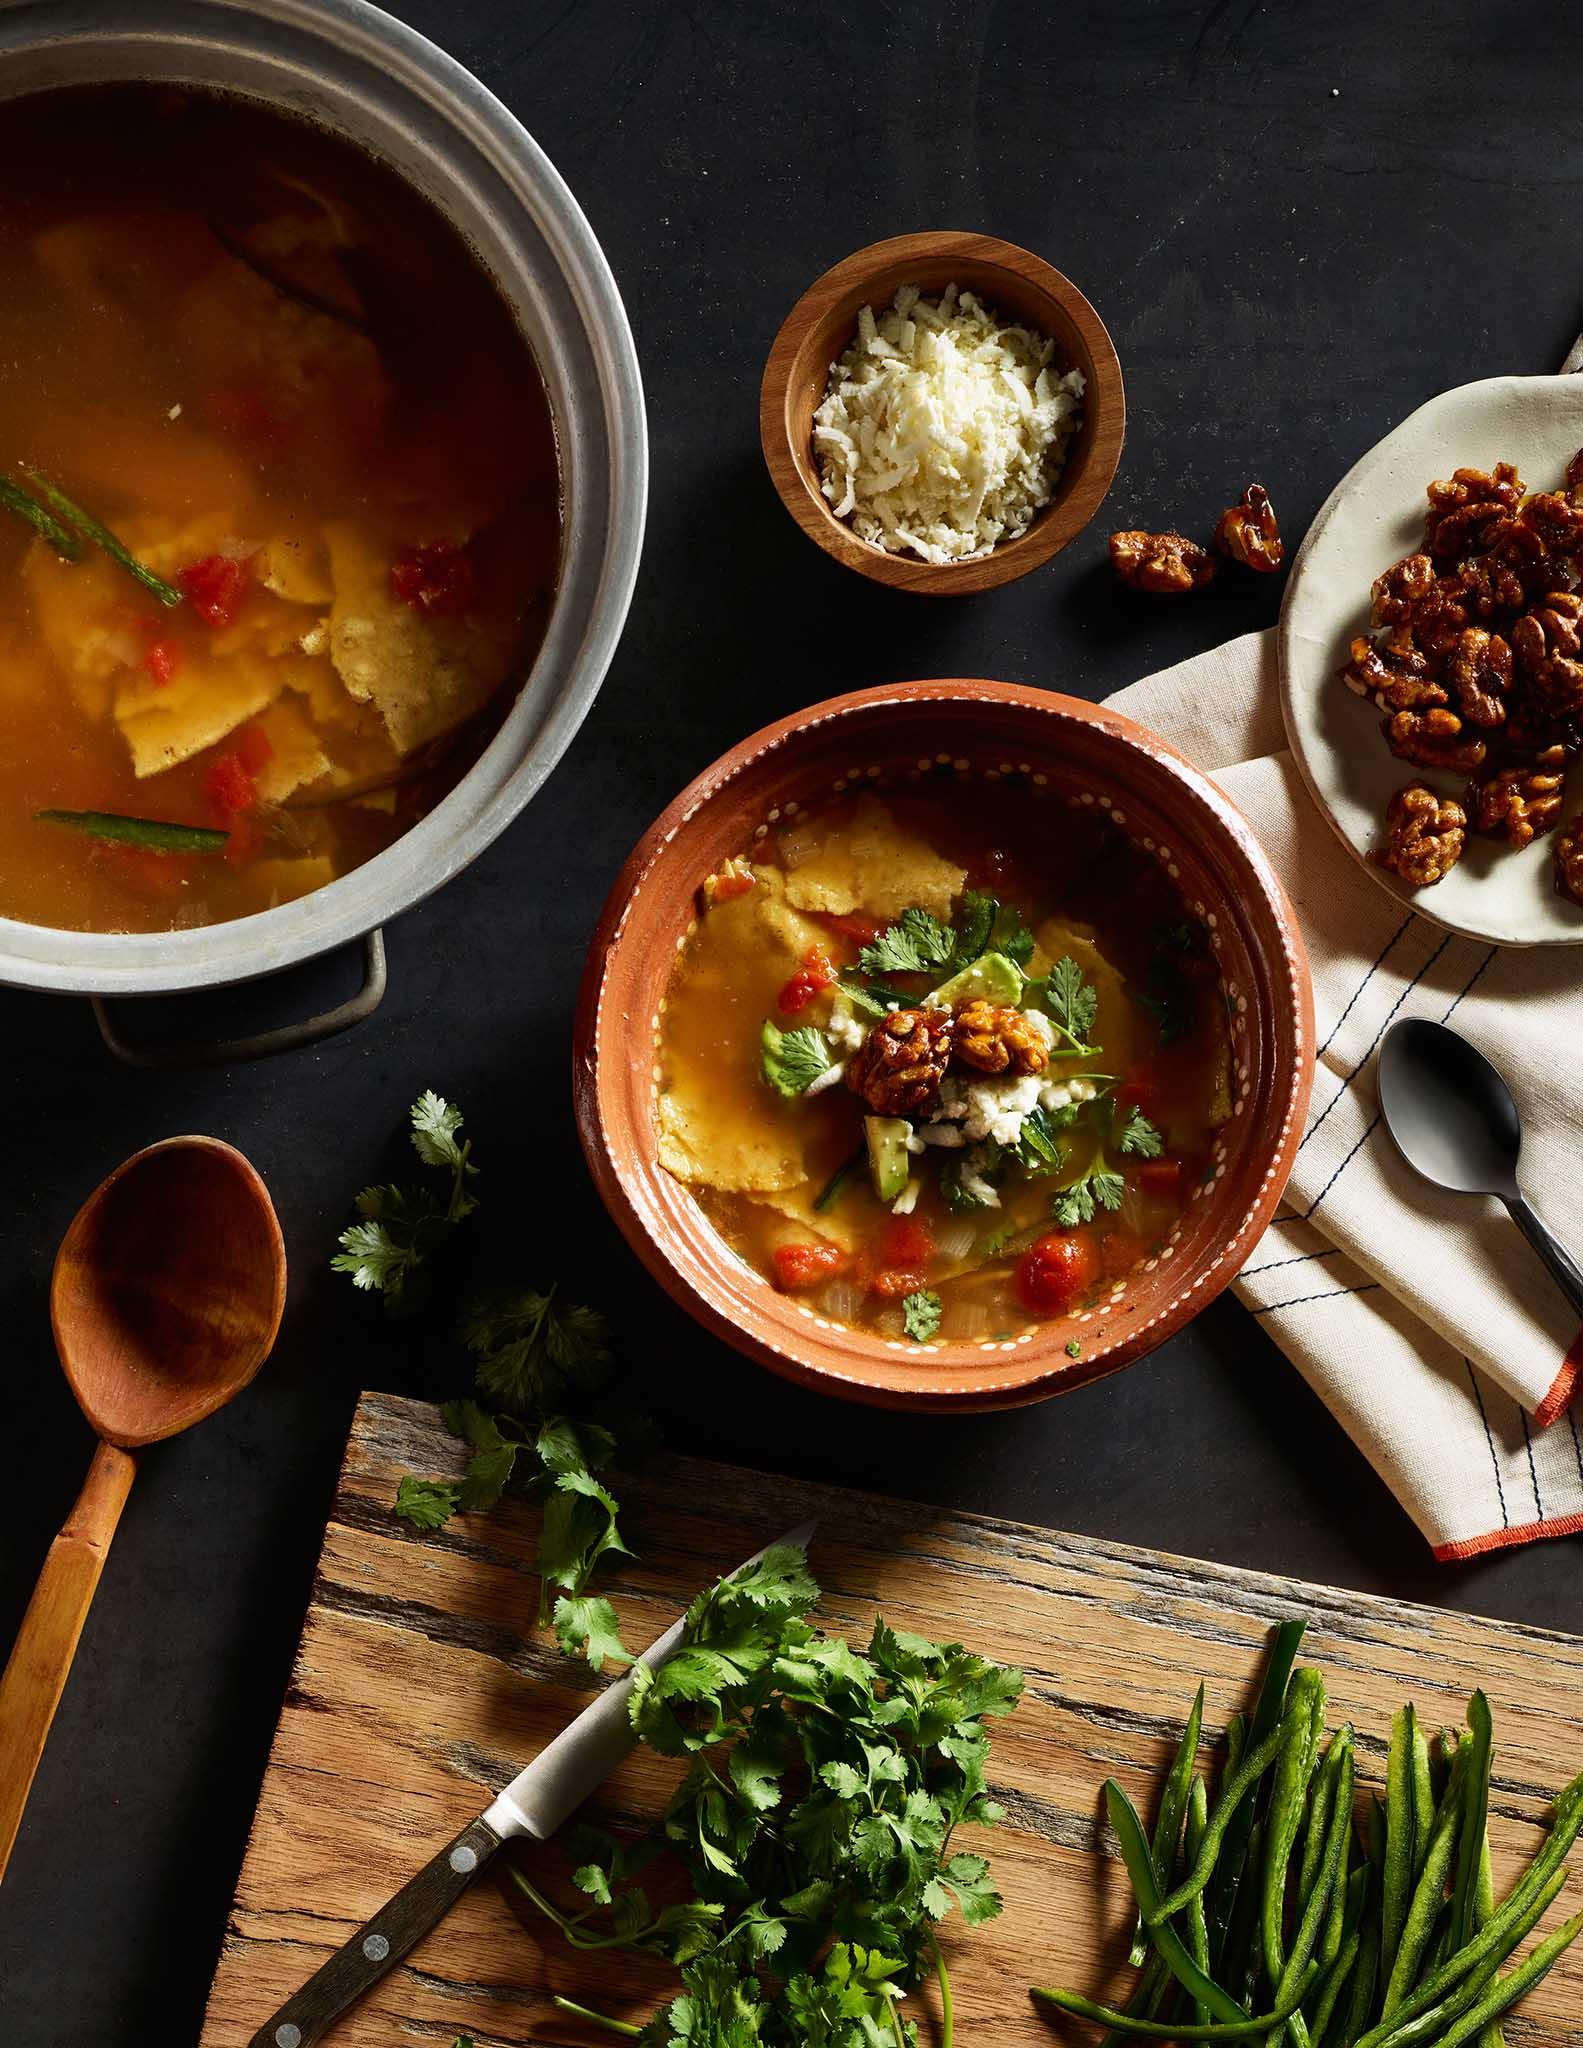 TexasPete_tortilla-soup.jpg